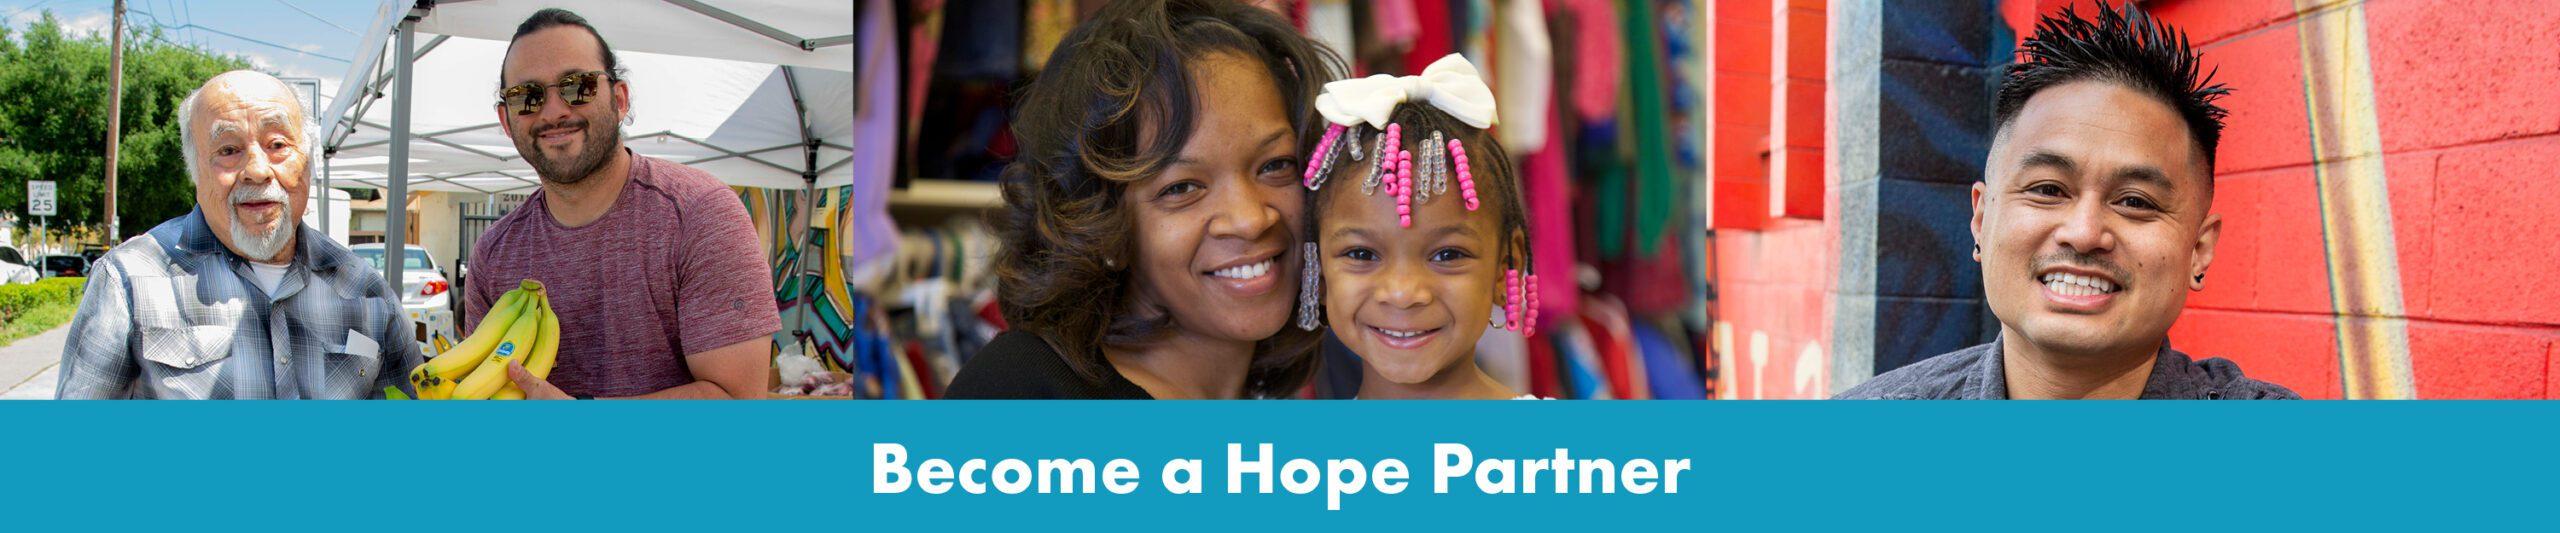 CityTeam Hangers for Hope